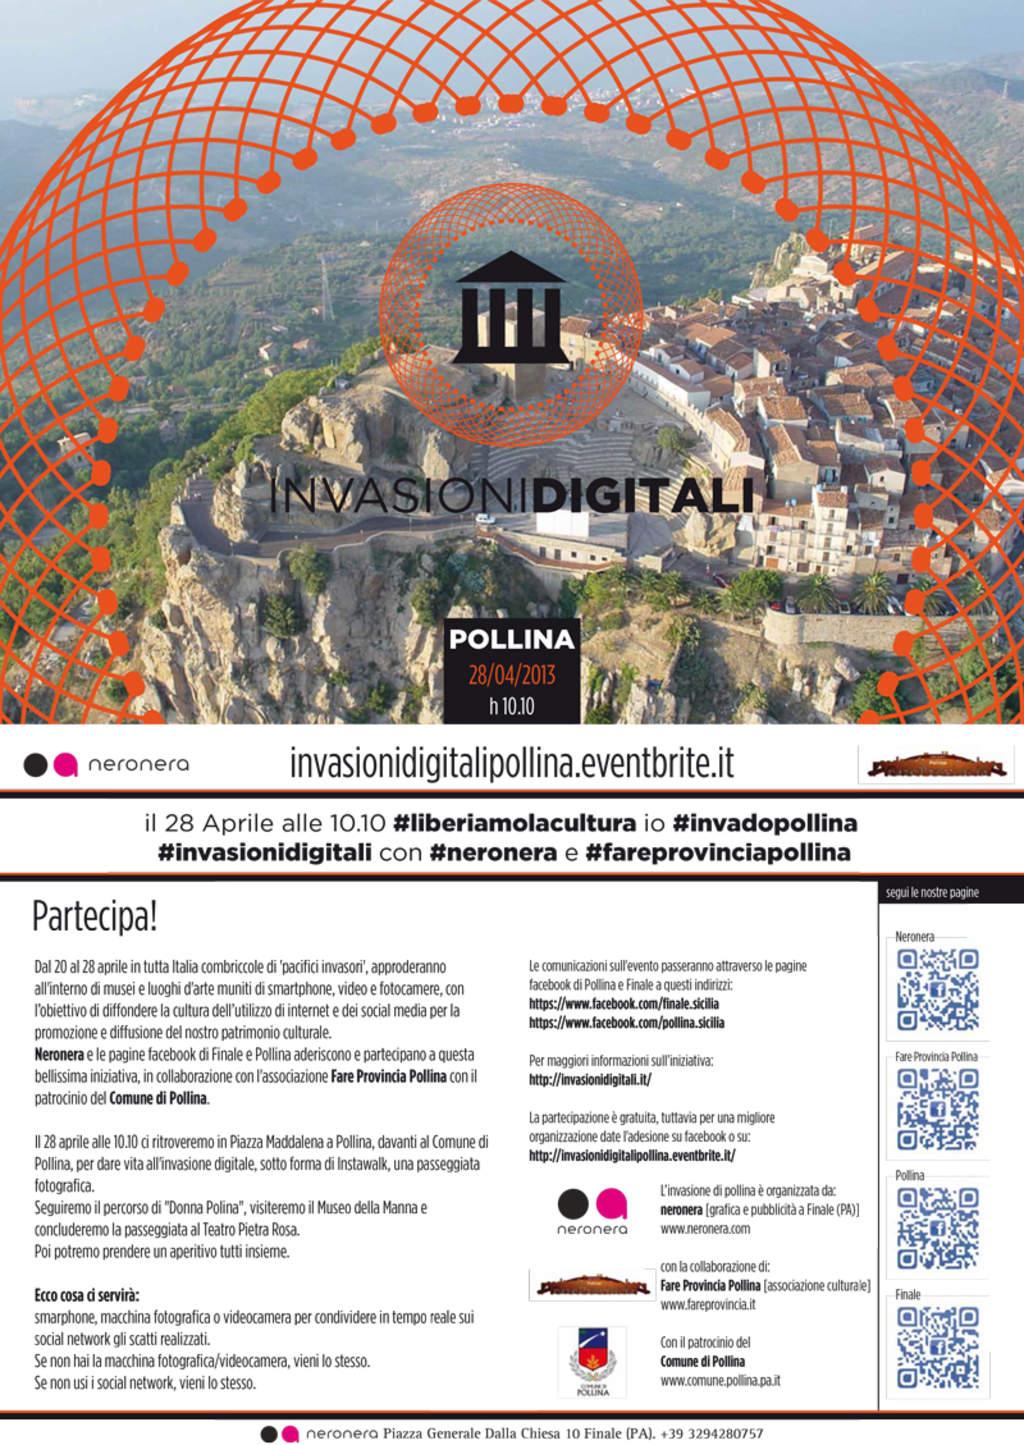 Invasioni digitali a Pollina